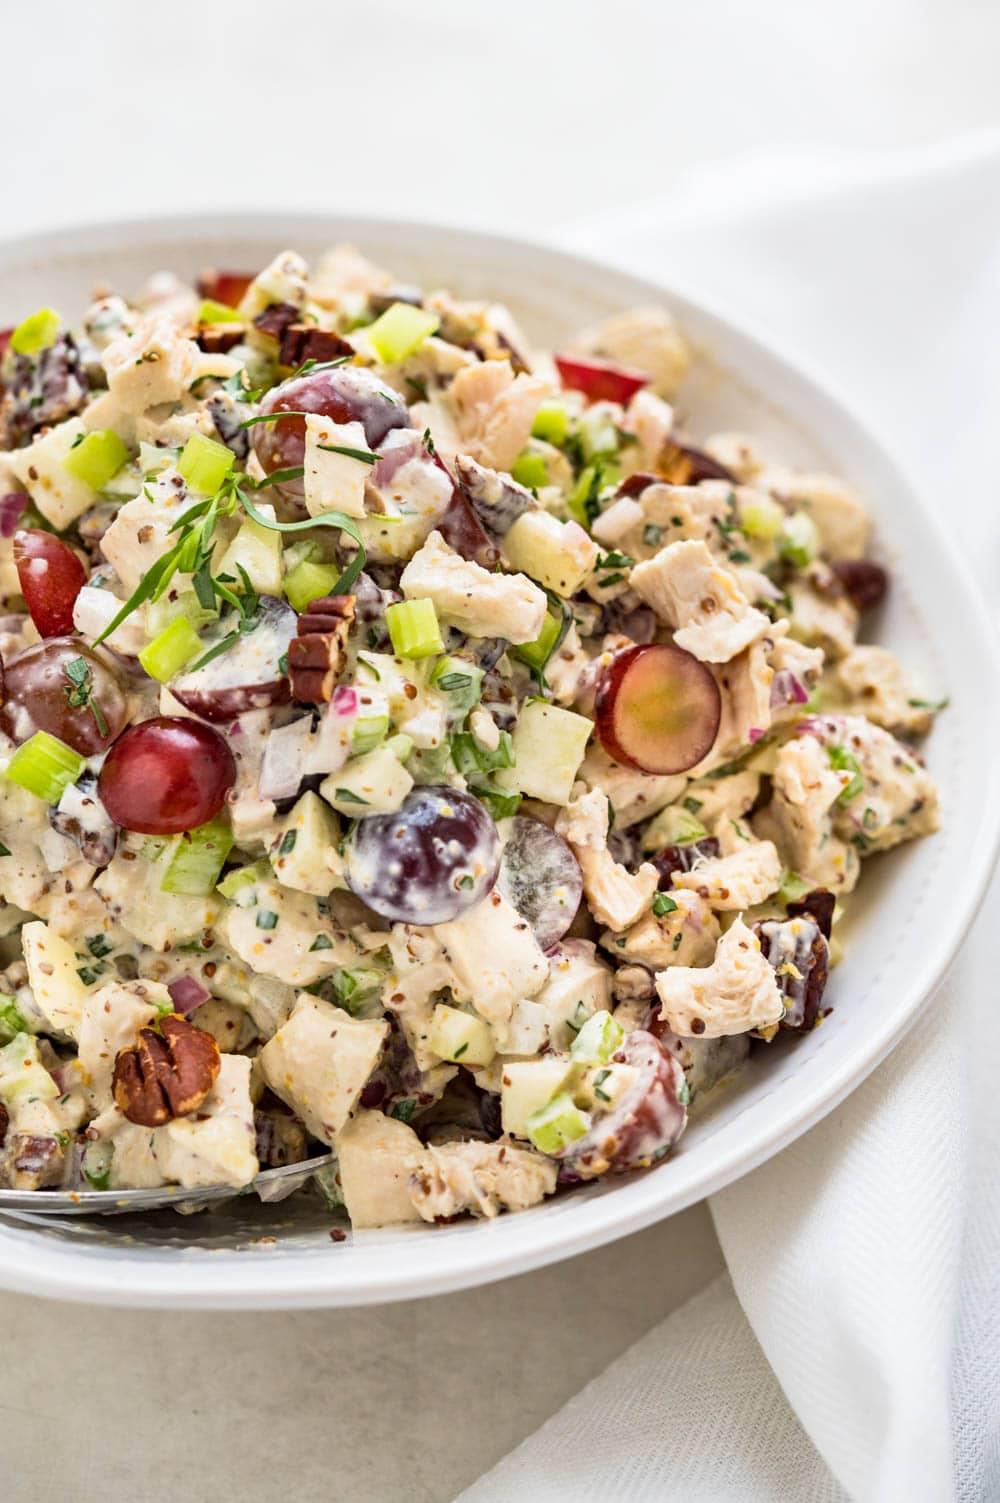 chicken waldorf salad in a serving bowl.